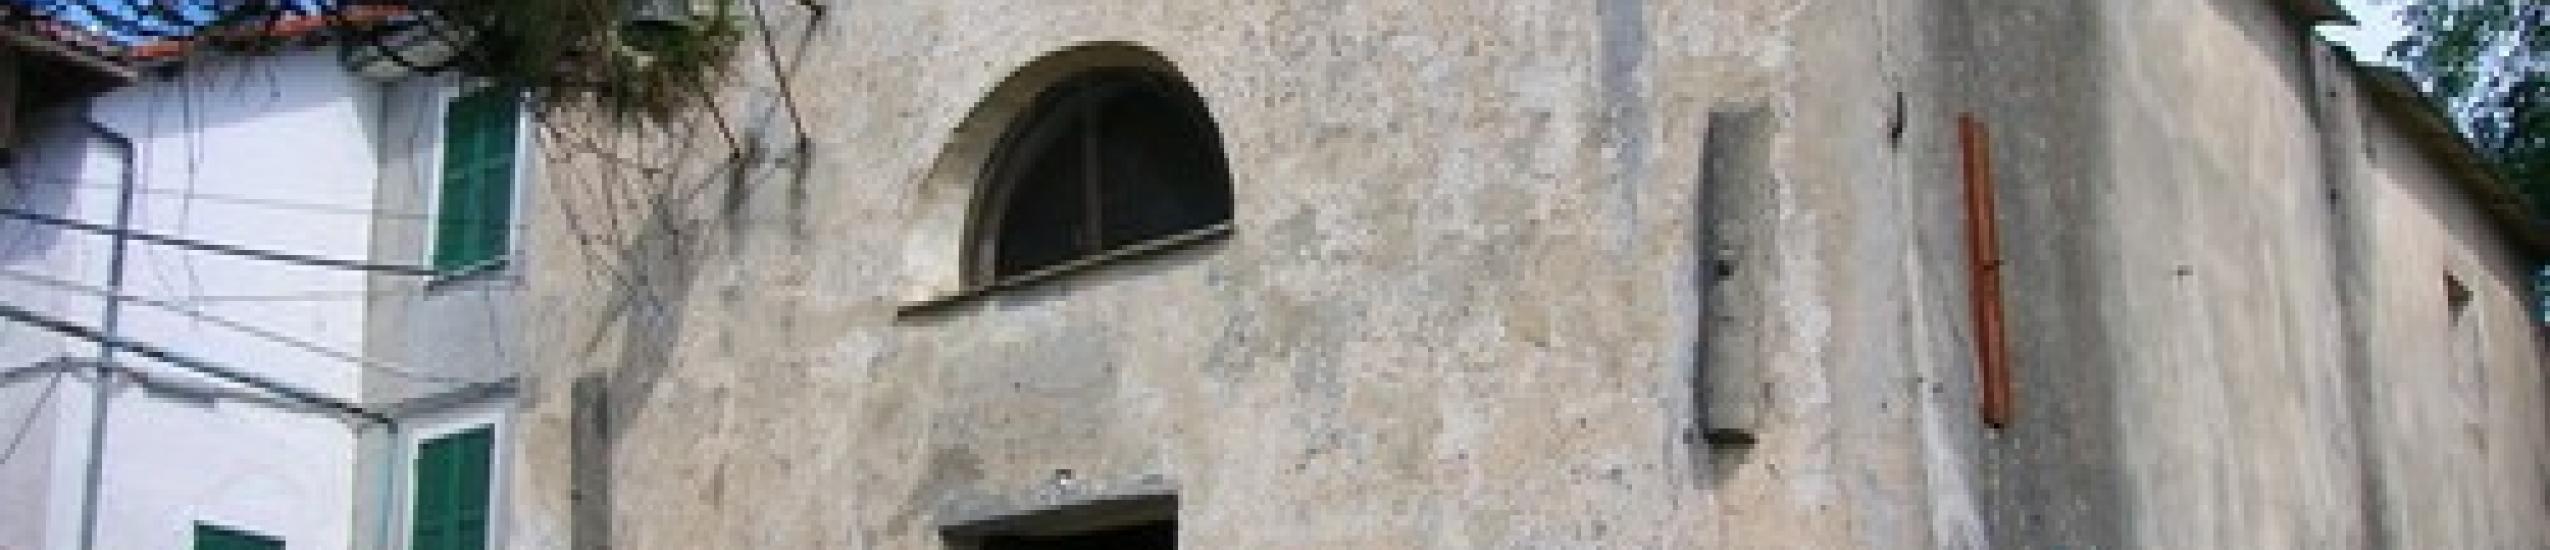 La facciata della cappella